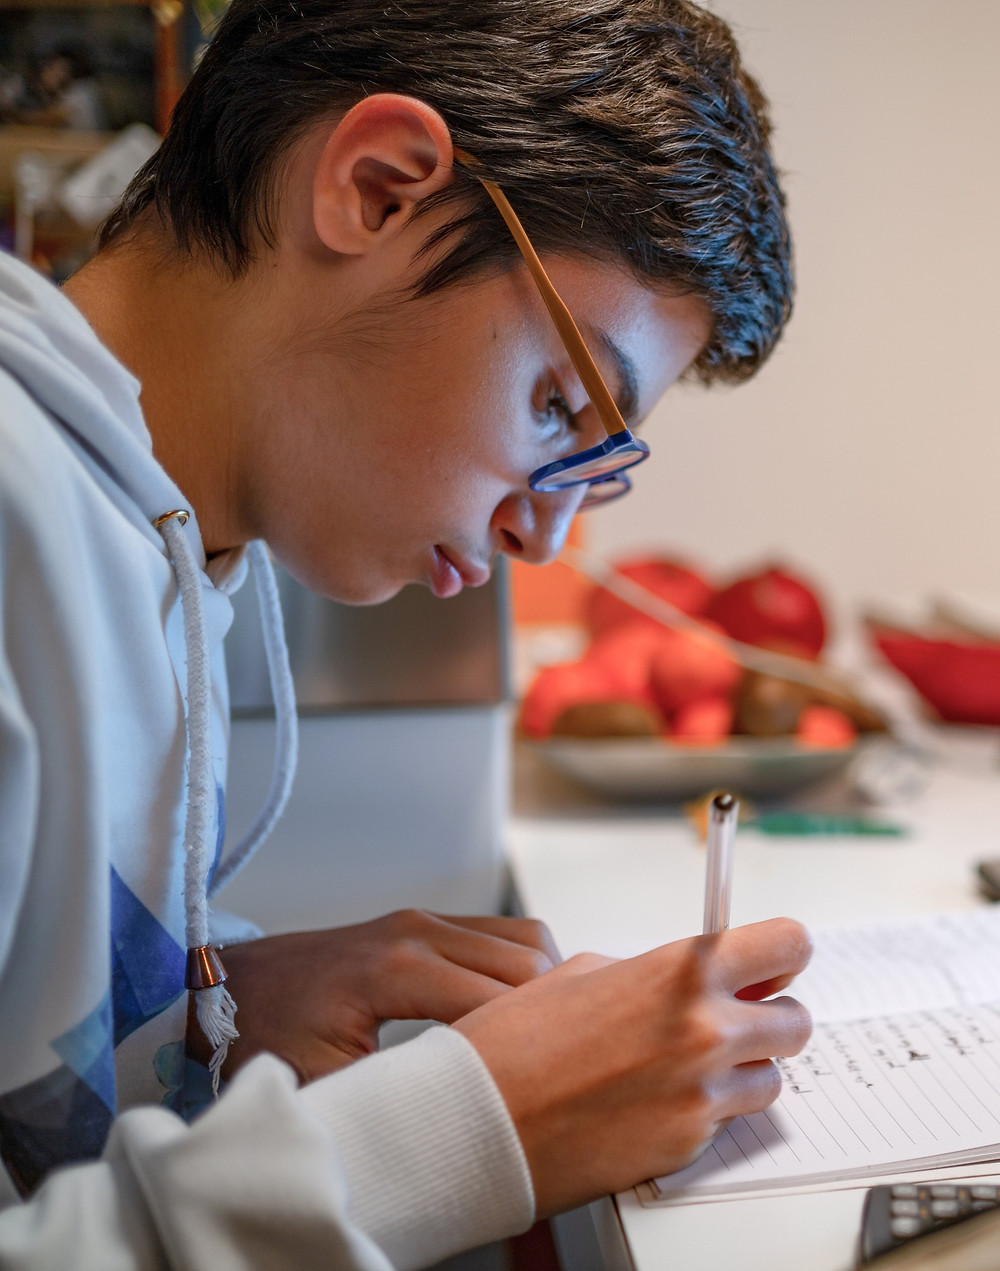 Teenage boy taking sixth form exams